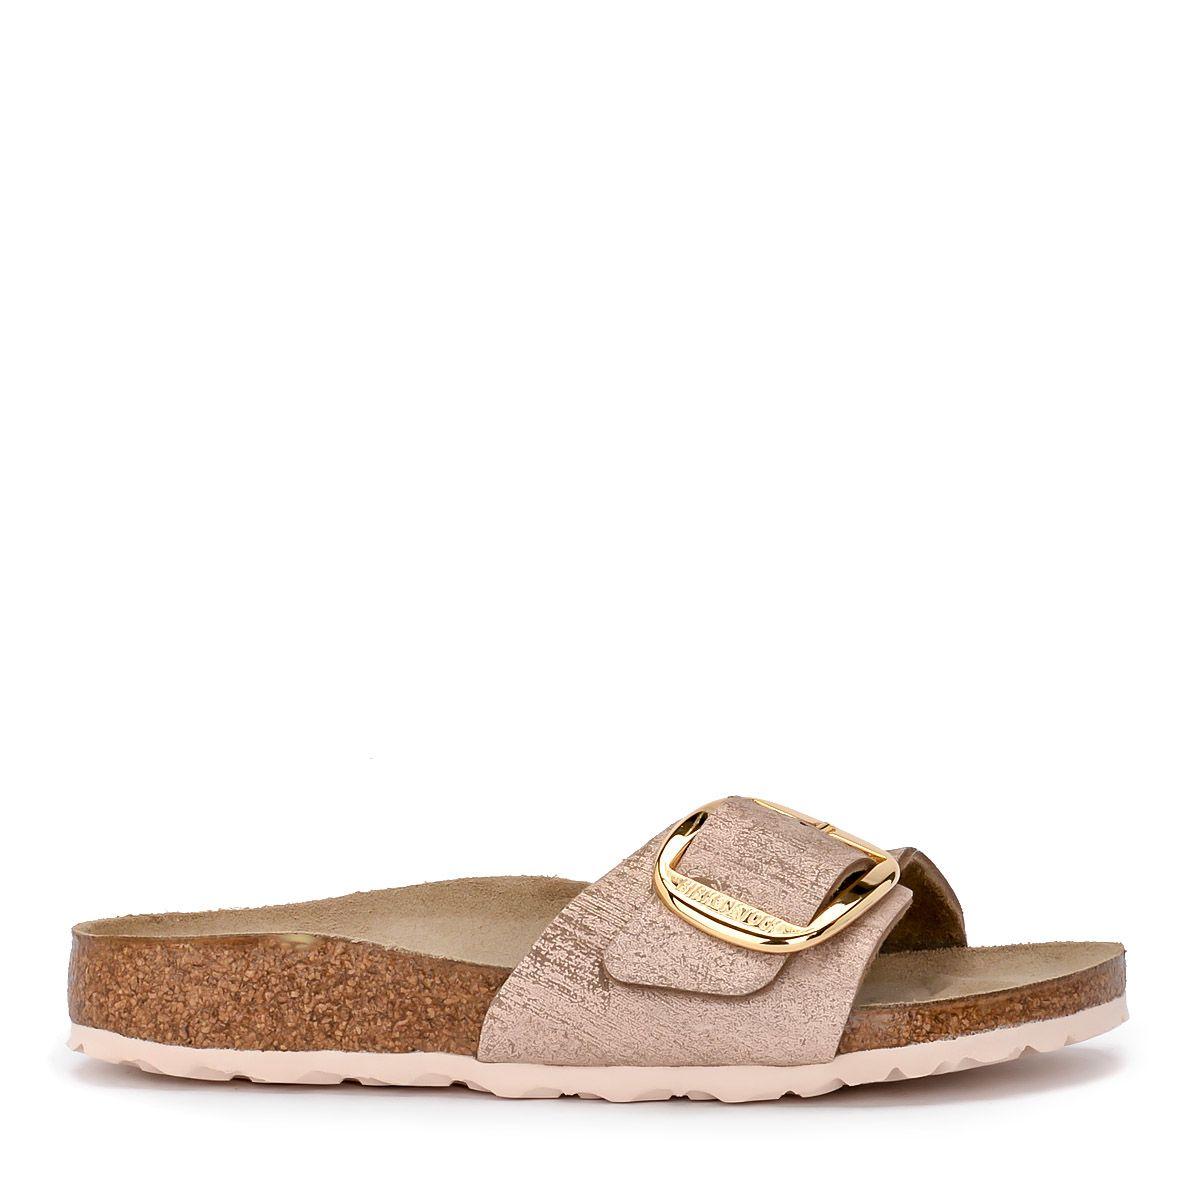 80b621254d74fe Birkenstock Madrid Big Buckle Pale Pink Laminated Leather Sandal - ROSA ...